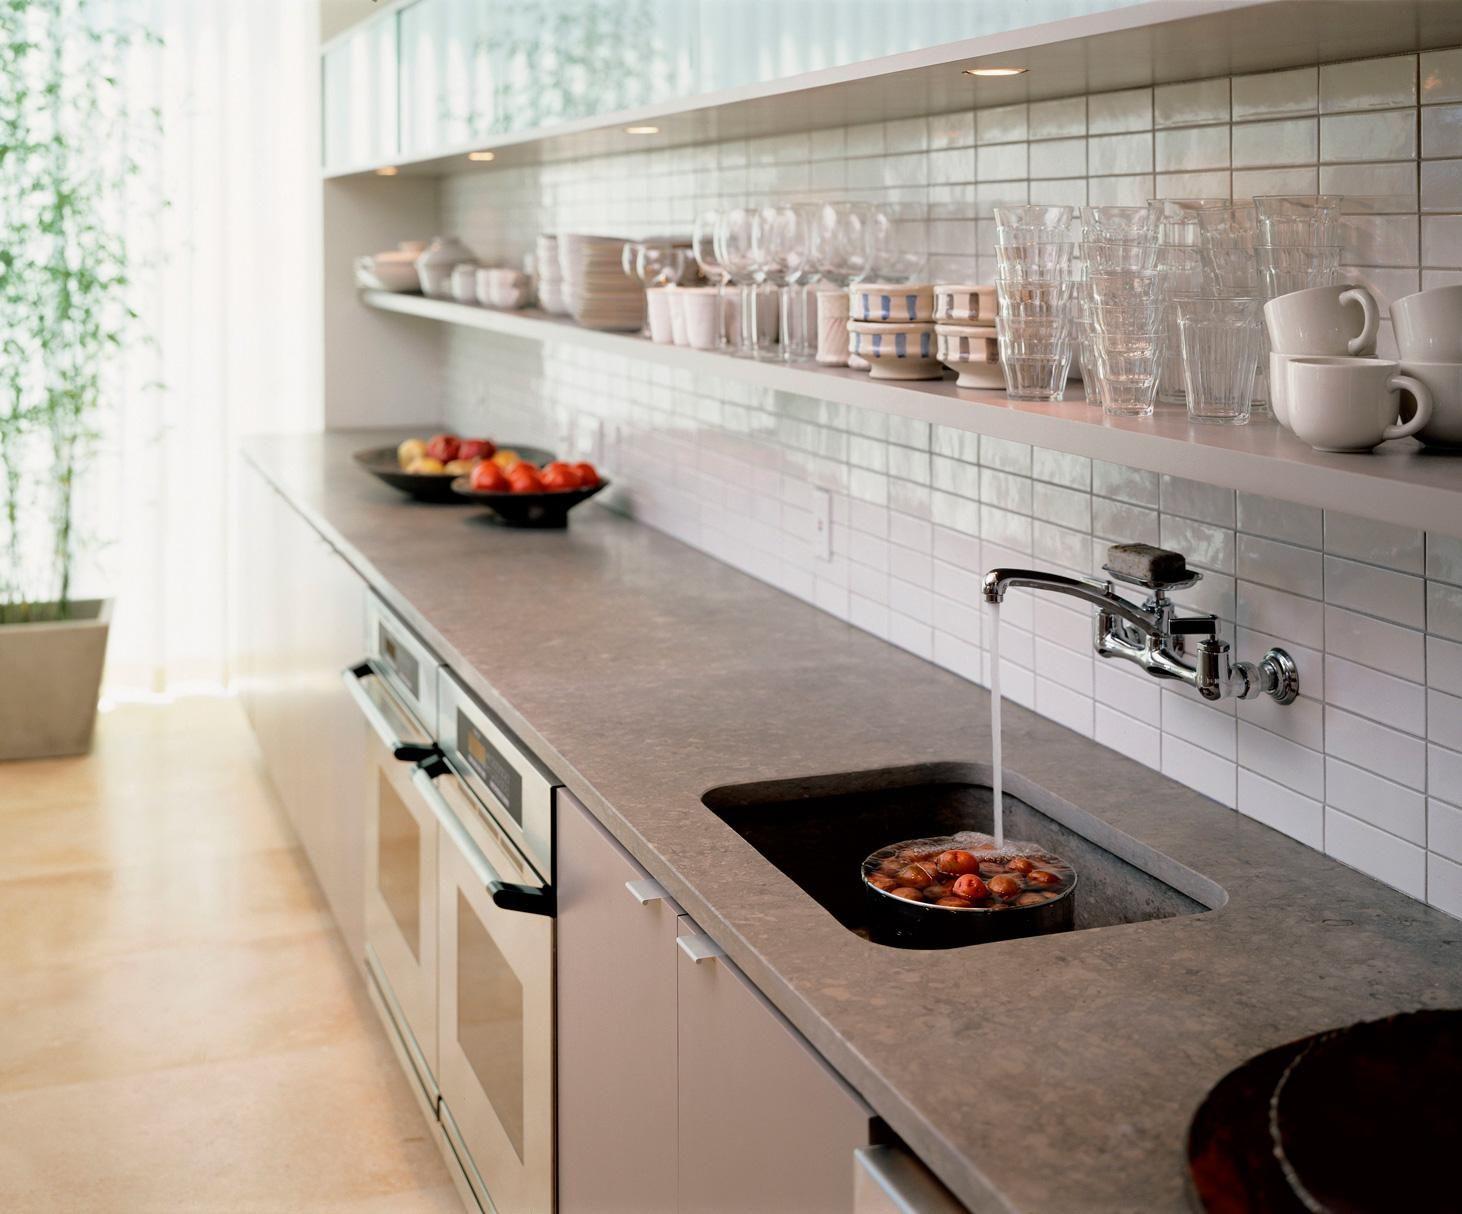 Heath Ceramics Kitchen - Year of Clean Water